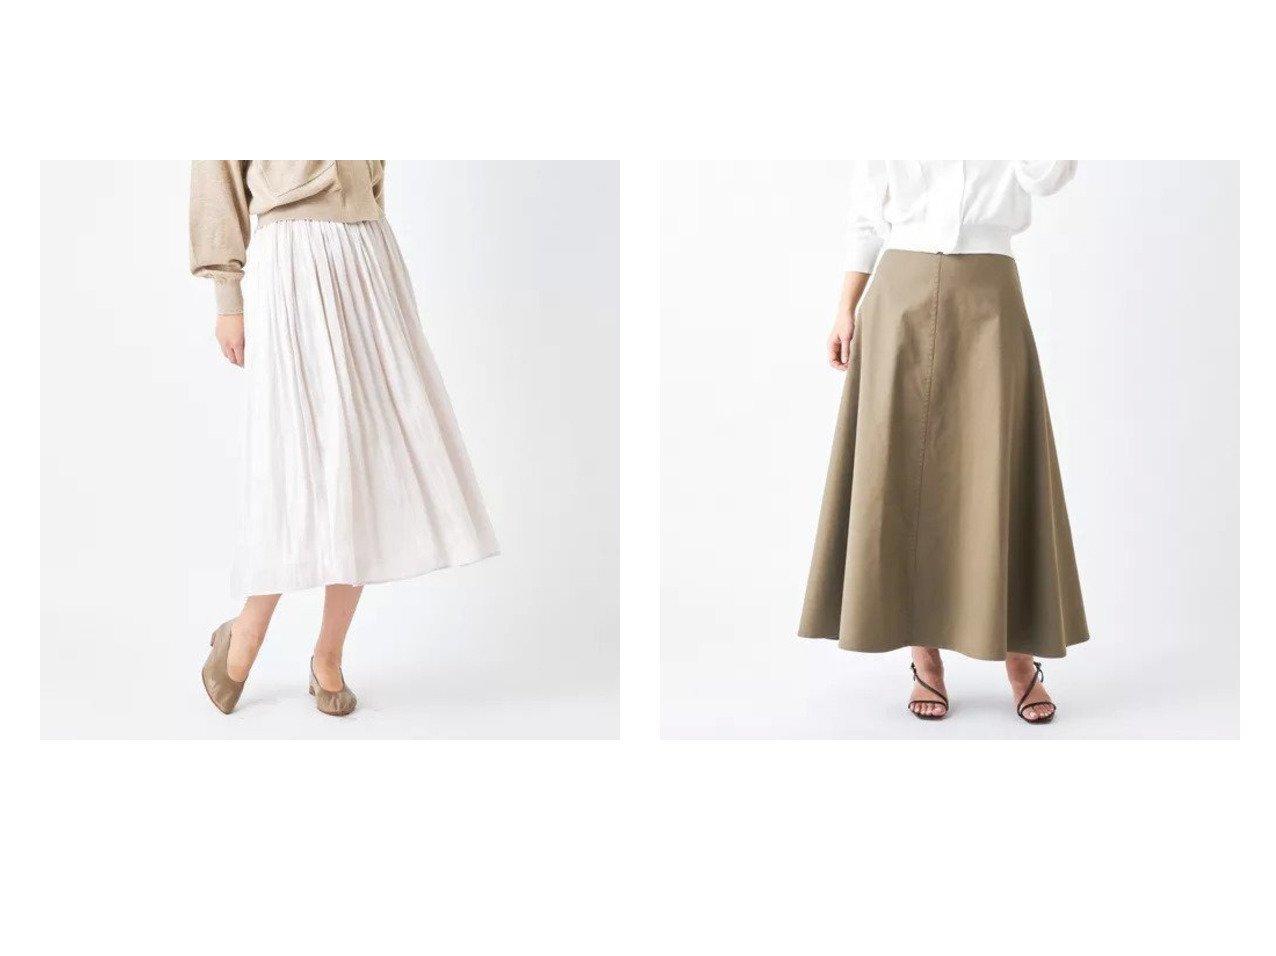 【Drawing Numbers/ドローイング ナンバーズ】のシャイニーギャザースカート&バイオウォッシュストレッチフレアスカート スカートのおすすめ!人気、トレンド・レディースファッションの通販 おすすめで人気の流行・トレンド、ファッションの通販商品 メンズファッション・キッズファッション・インテリア・家具・レディースファッション・服の通販 founy(ファニー) https://founy.com/ ファッション Fashion レディースファッション WOMEN スカート Skirt Aライン/フレアスカート Flared A-Line Skirts おすすめ Recommend ギャザー サテン ショート フレア  ID:crp329100000022465